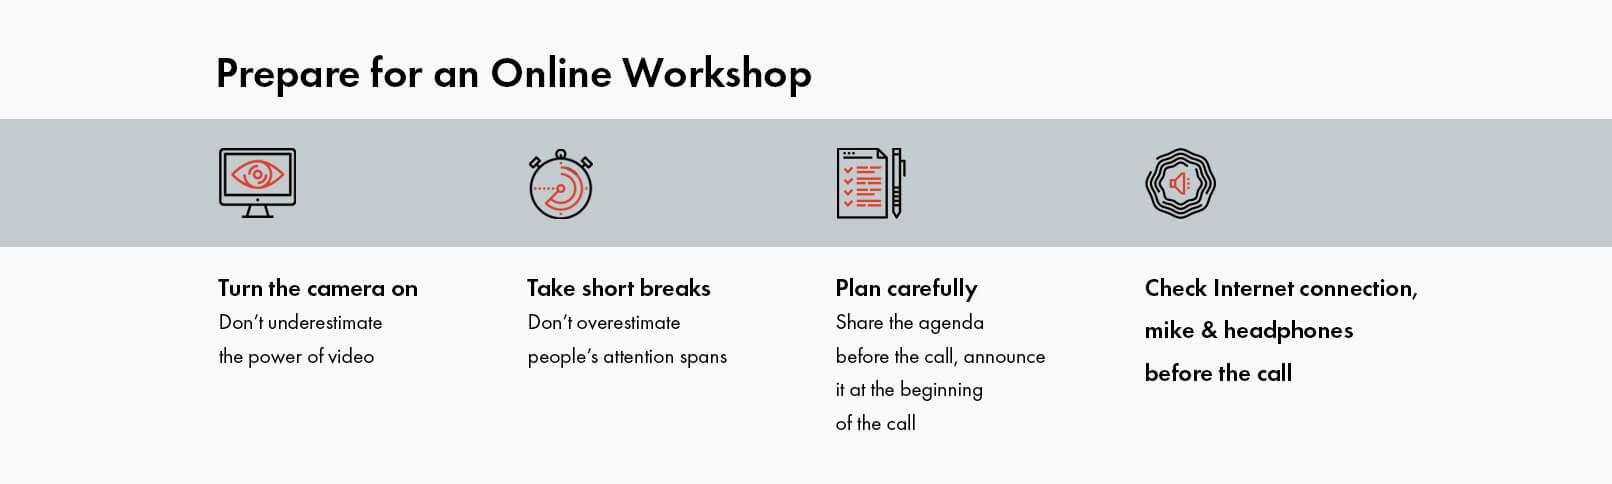 Online Workshop Tips